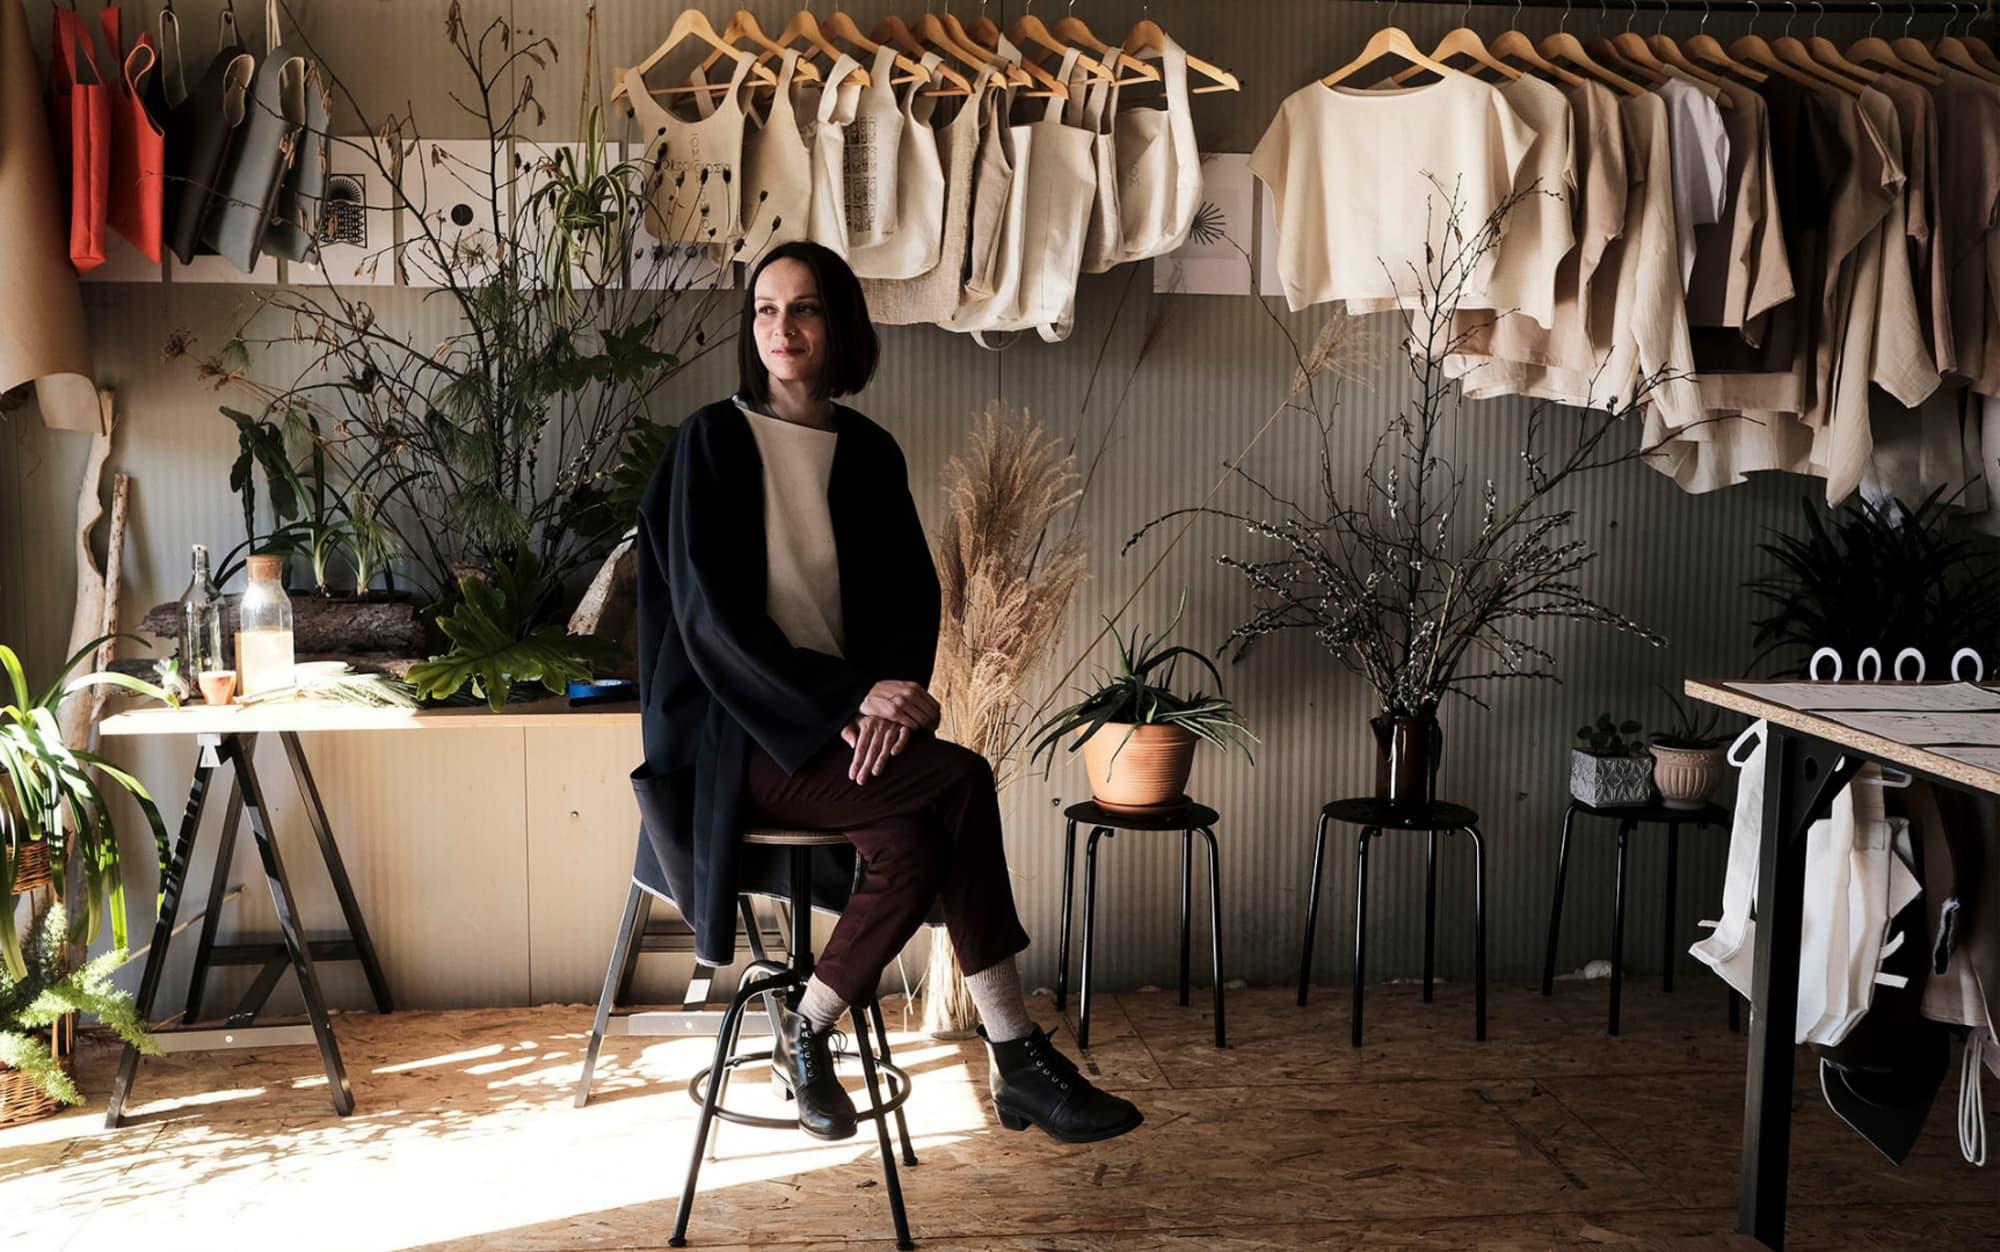 Održiva moda – novi trend ili budućnost tekstilne industrije?